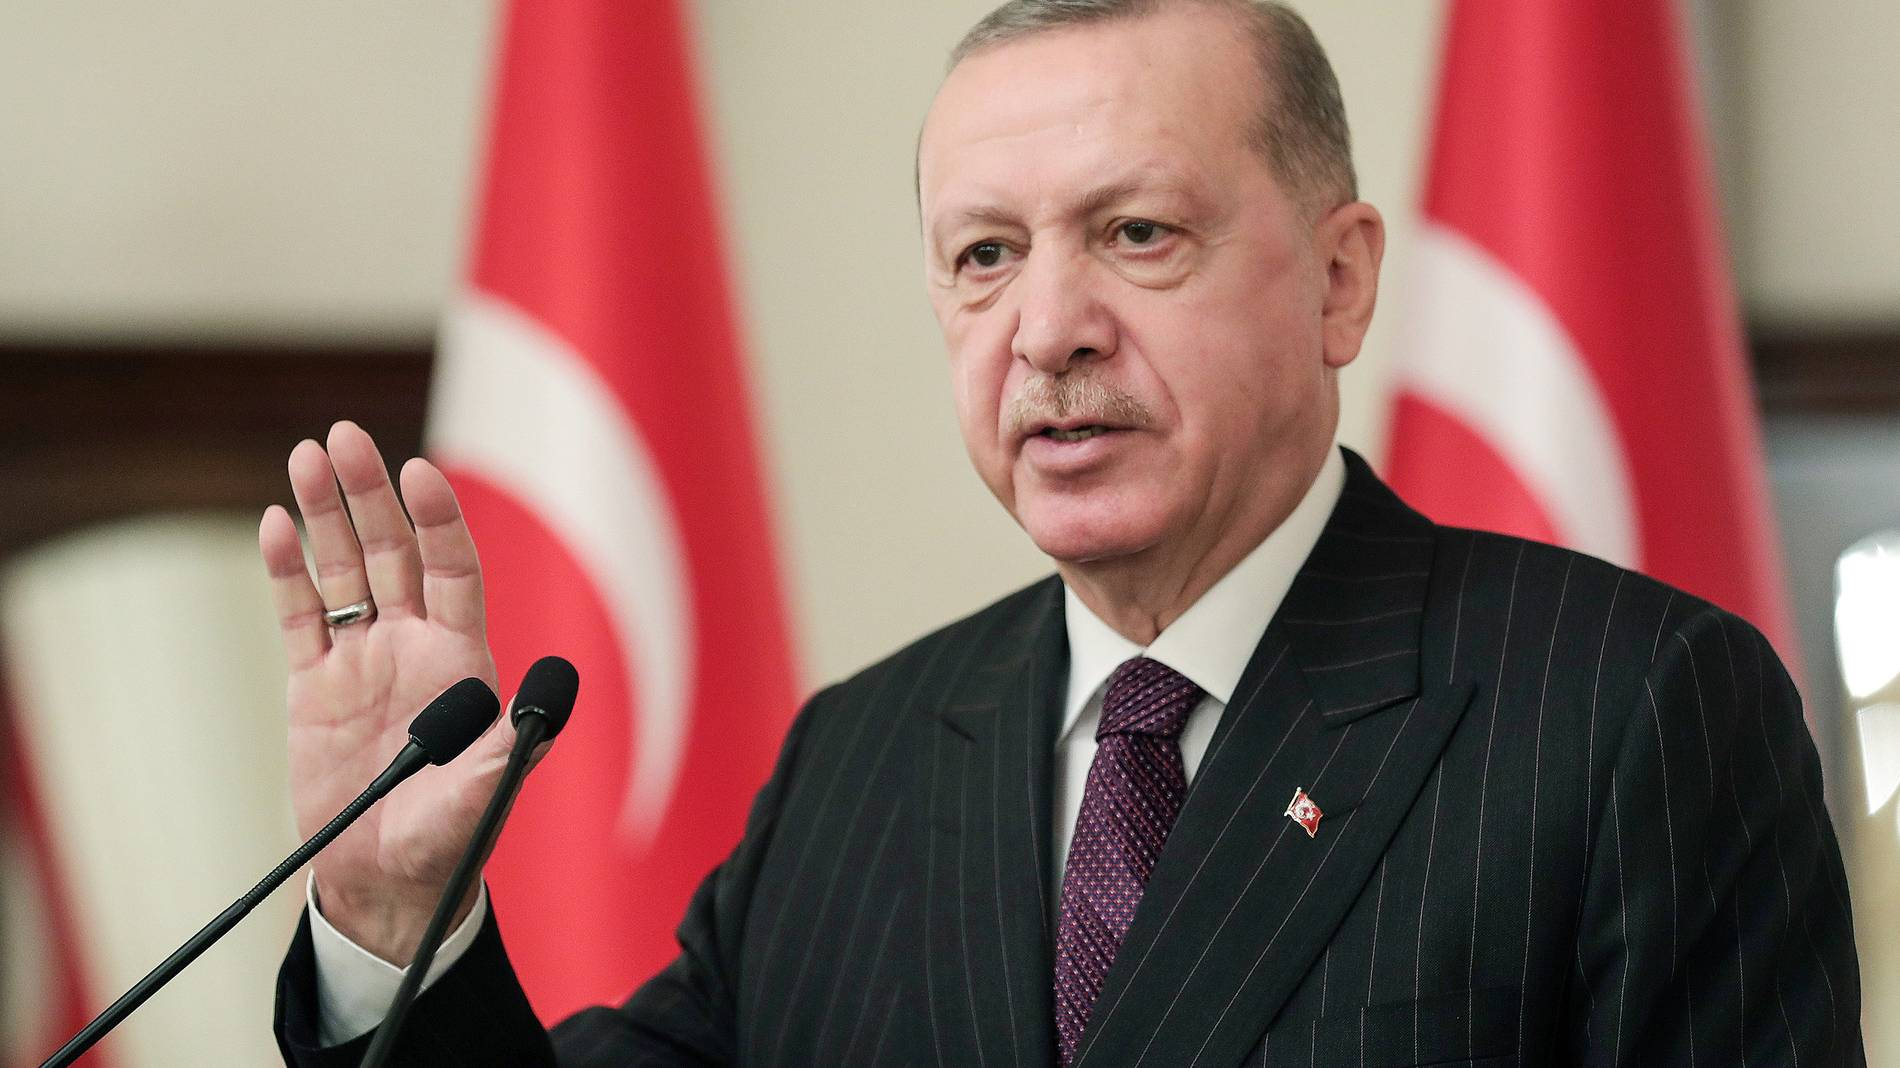 türkei: recep tayyip erdogan reicht der eu die hand